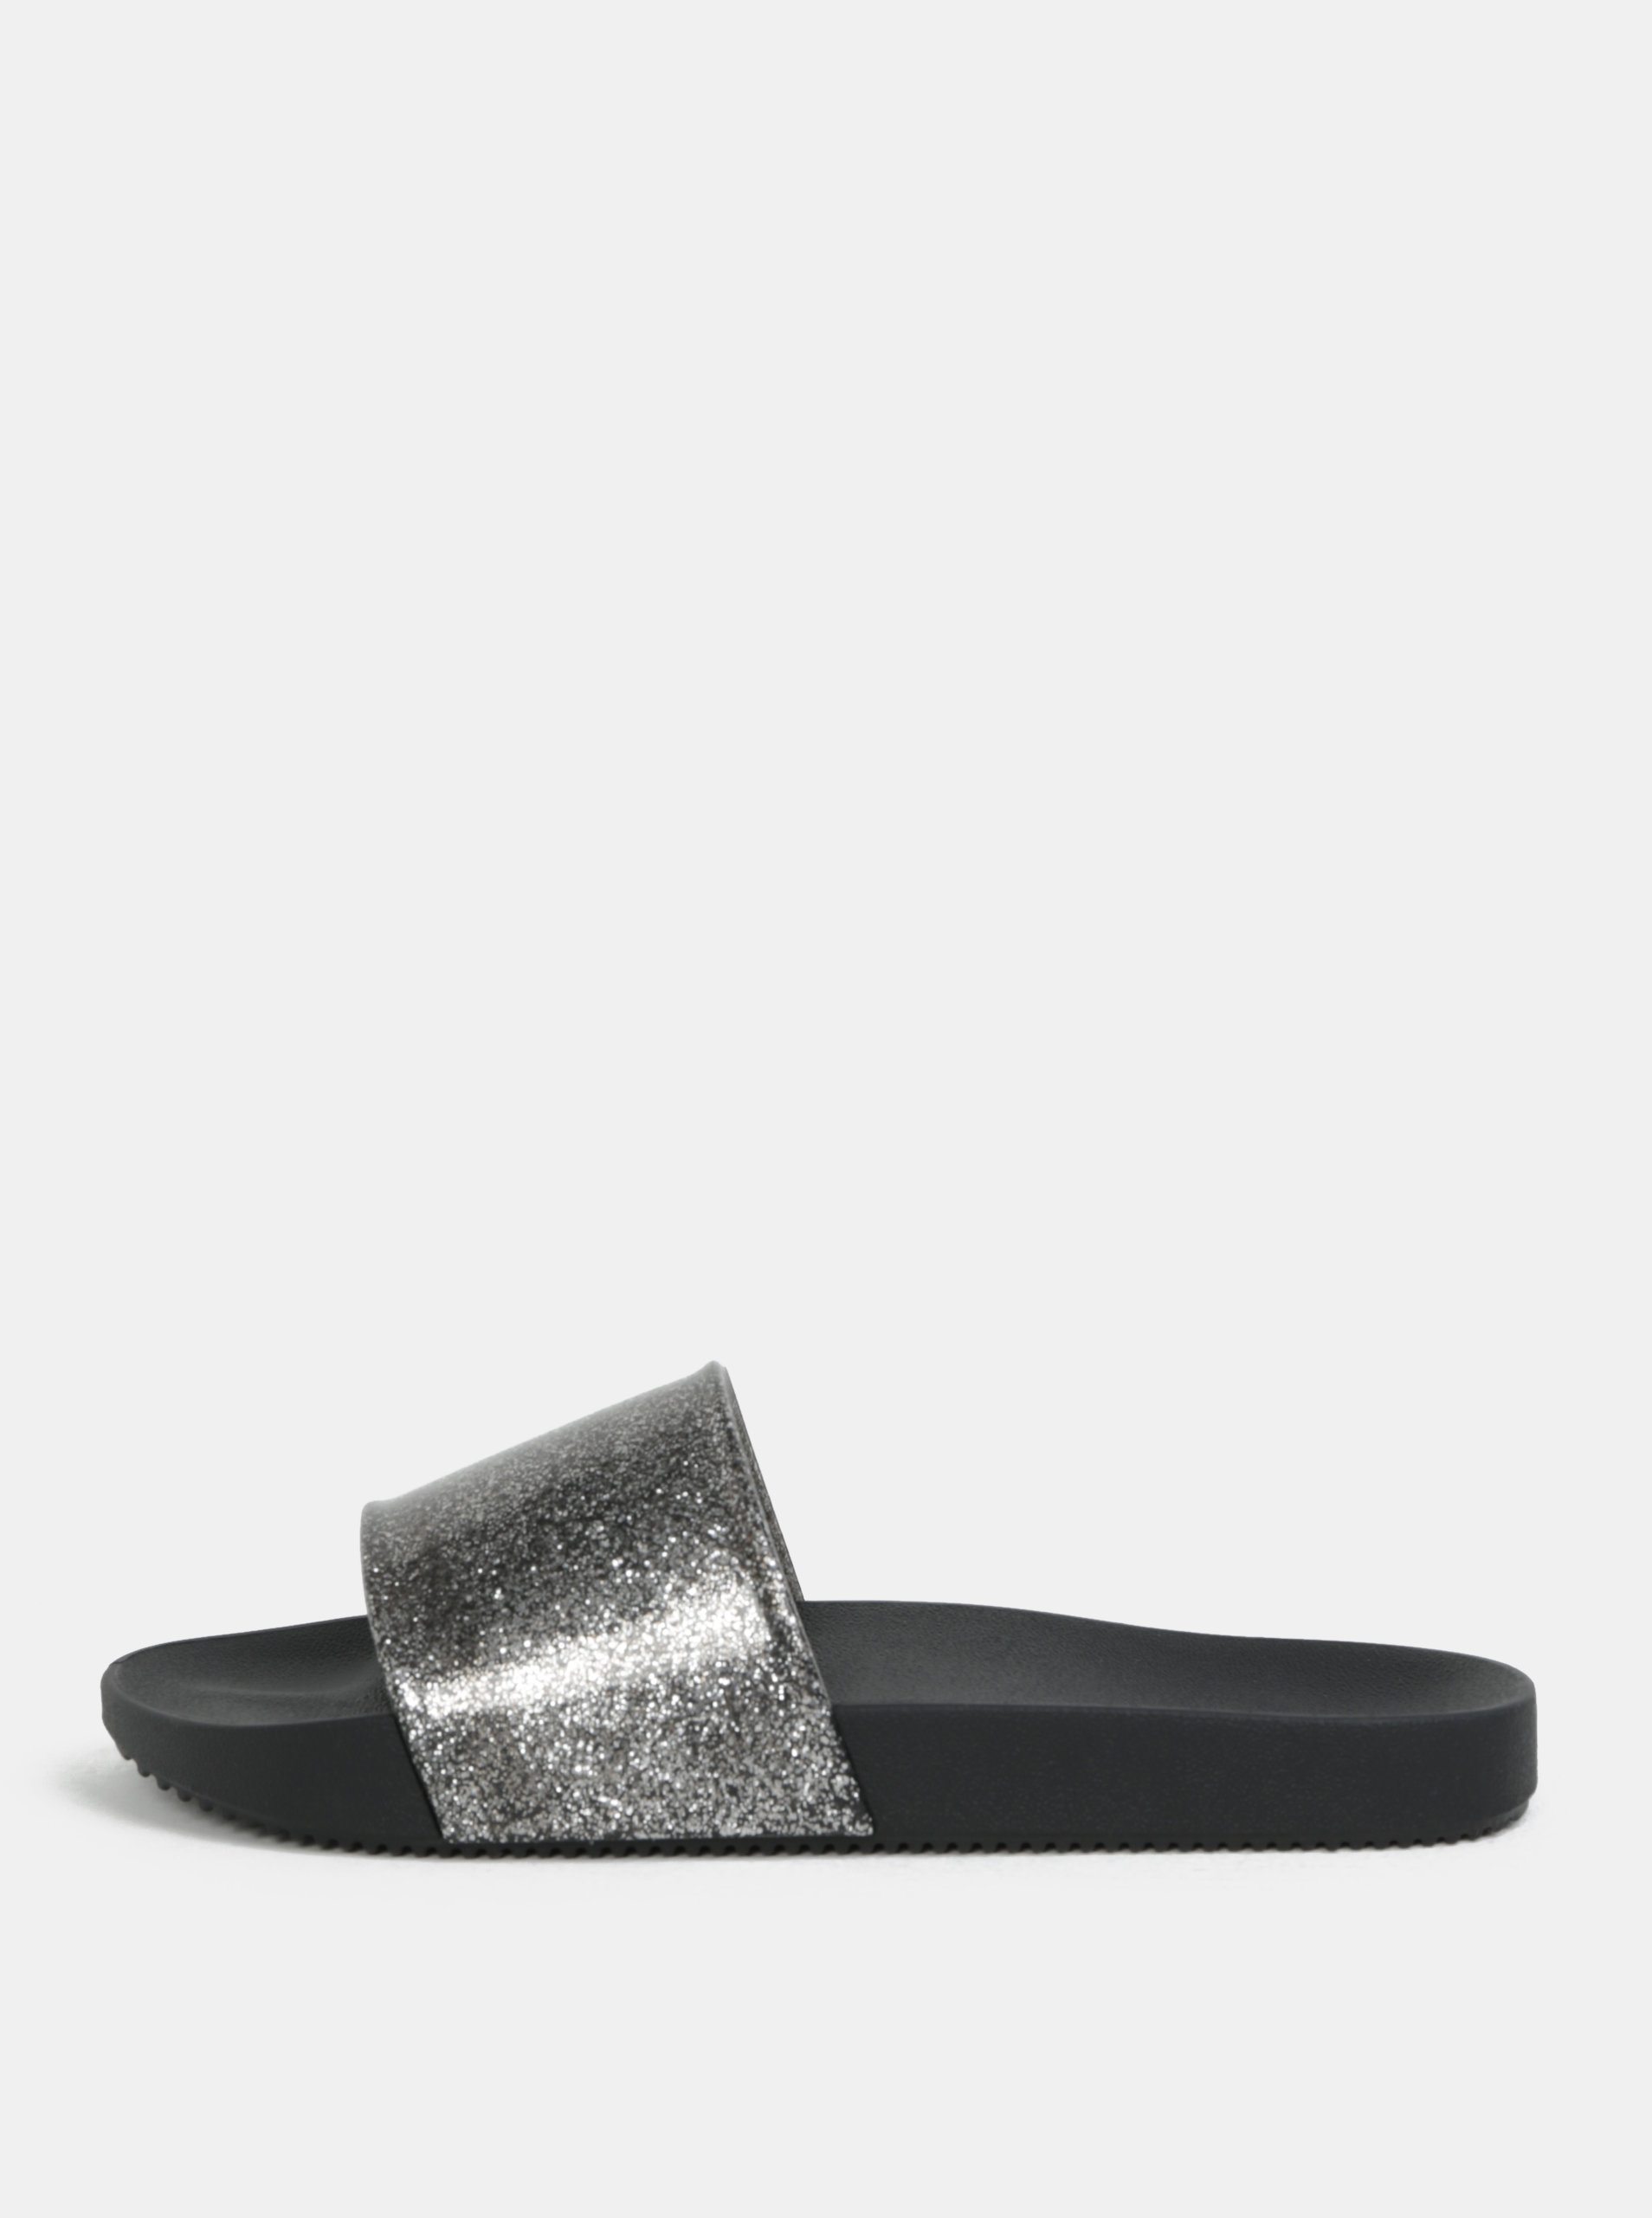 Stříbrno-černé pantofle se třpytivým efektem Zaxy Snap ...